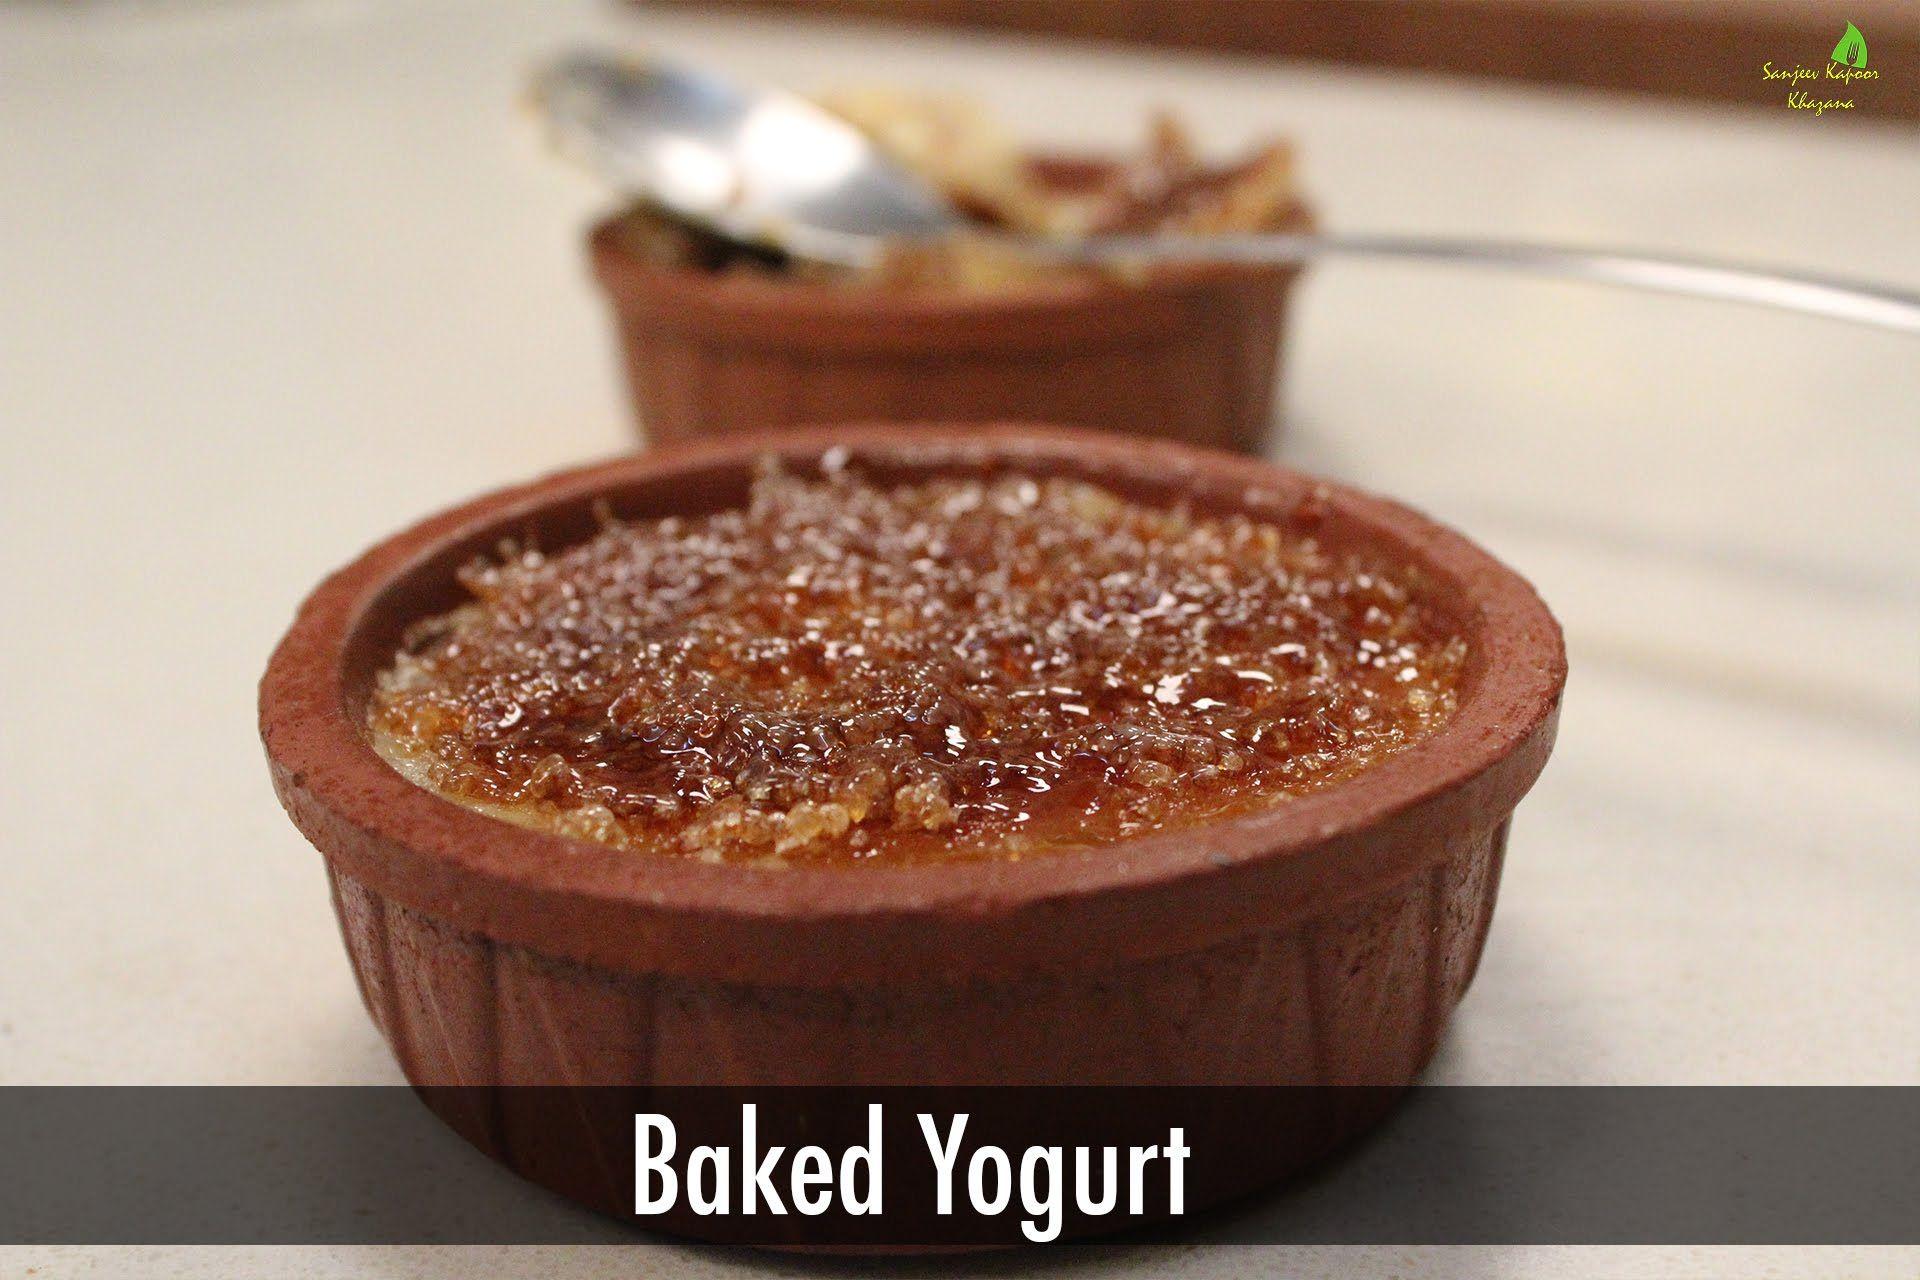 Cool baked yogurt baking recipes sanjeev kapoor khazana dont cool baked yogurt baking recipes sanjeev kapoor khazana forumfinder Choice Image